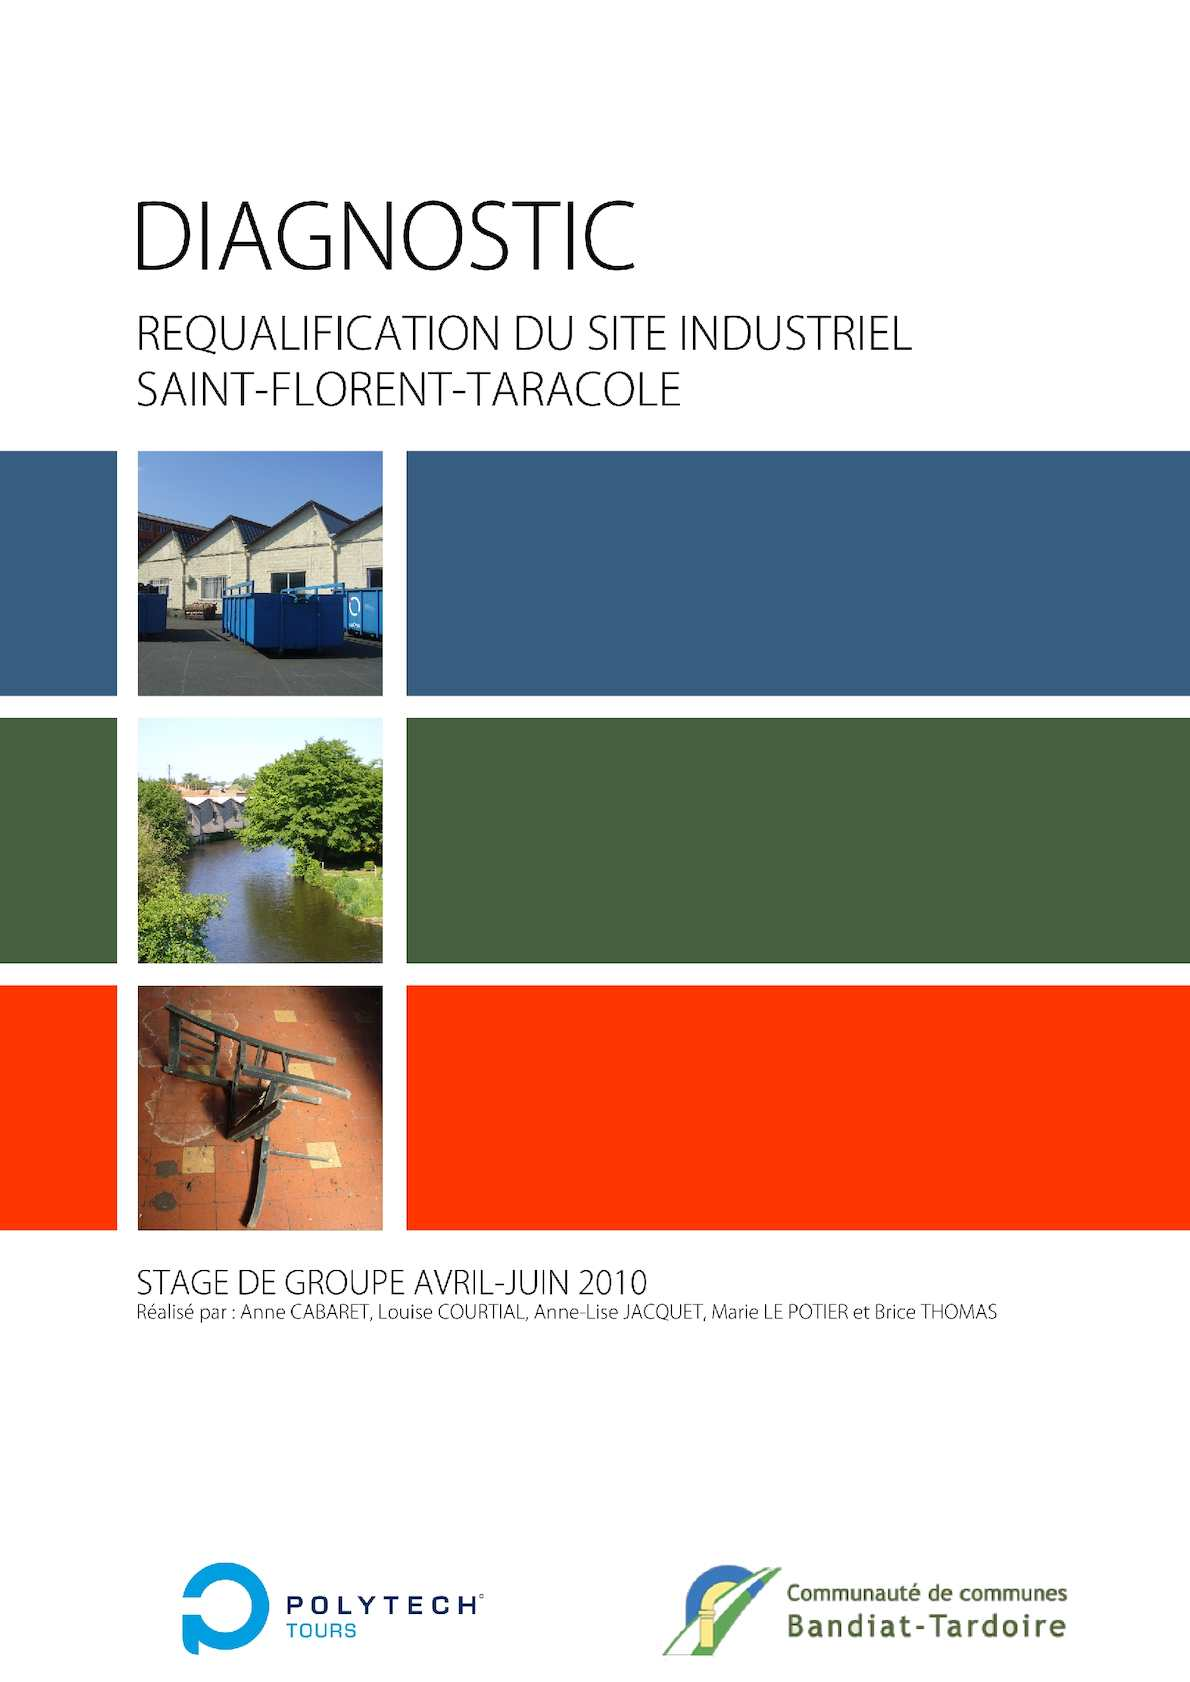 Calaméo - Diagnostic complet - Reconversion de friche industrielle en  Charente ec9b90528be3